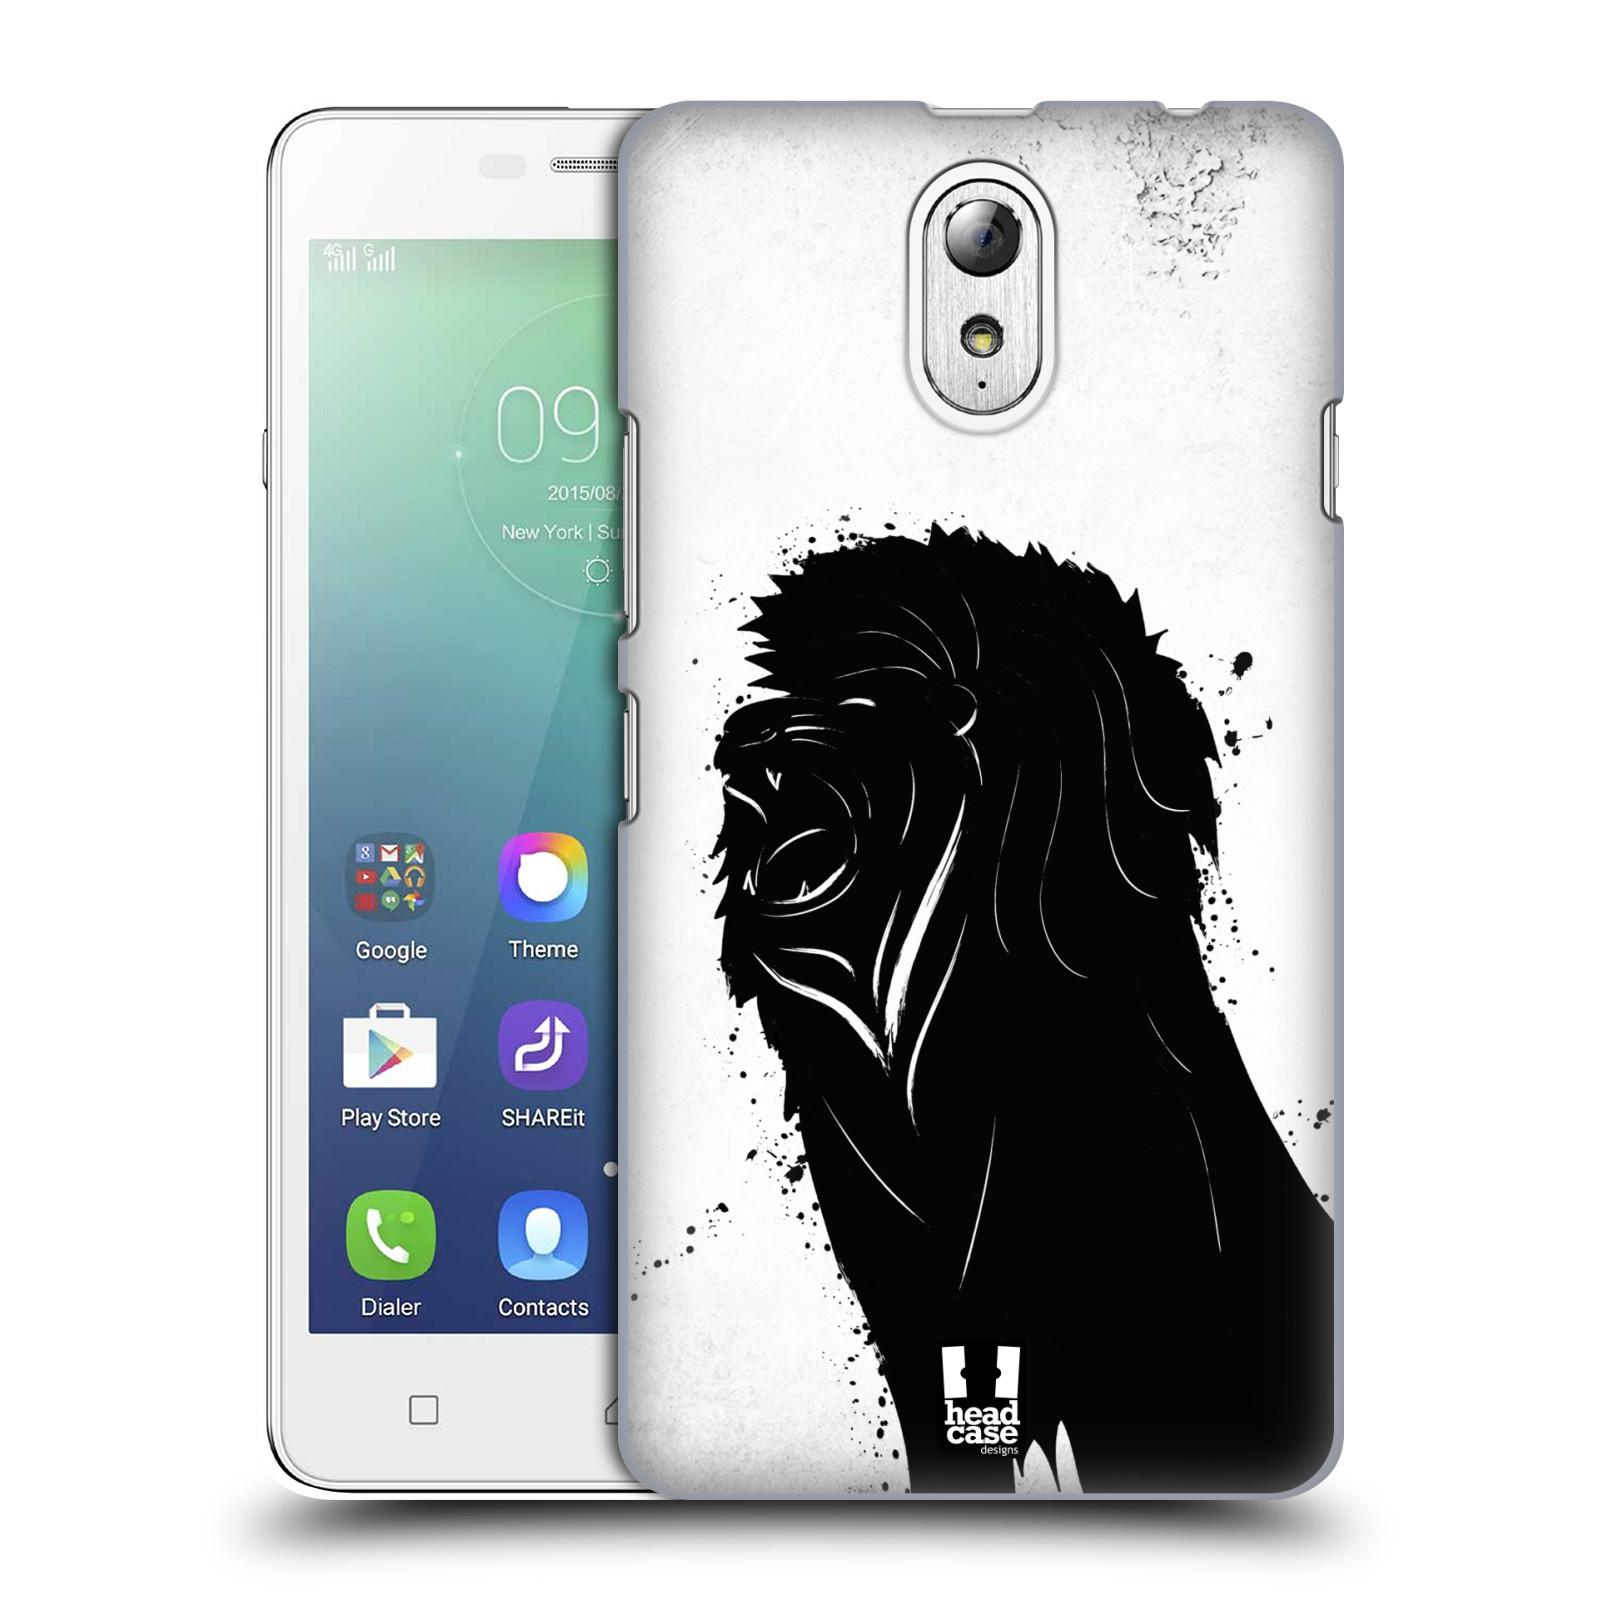 HEAD CASE pevný plastový obal na mobil LENOVO VIBE P1m / LENOVO VIBE p1m DUAL SIM vzor Kresba tuš zvíře lev